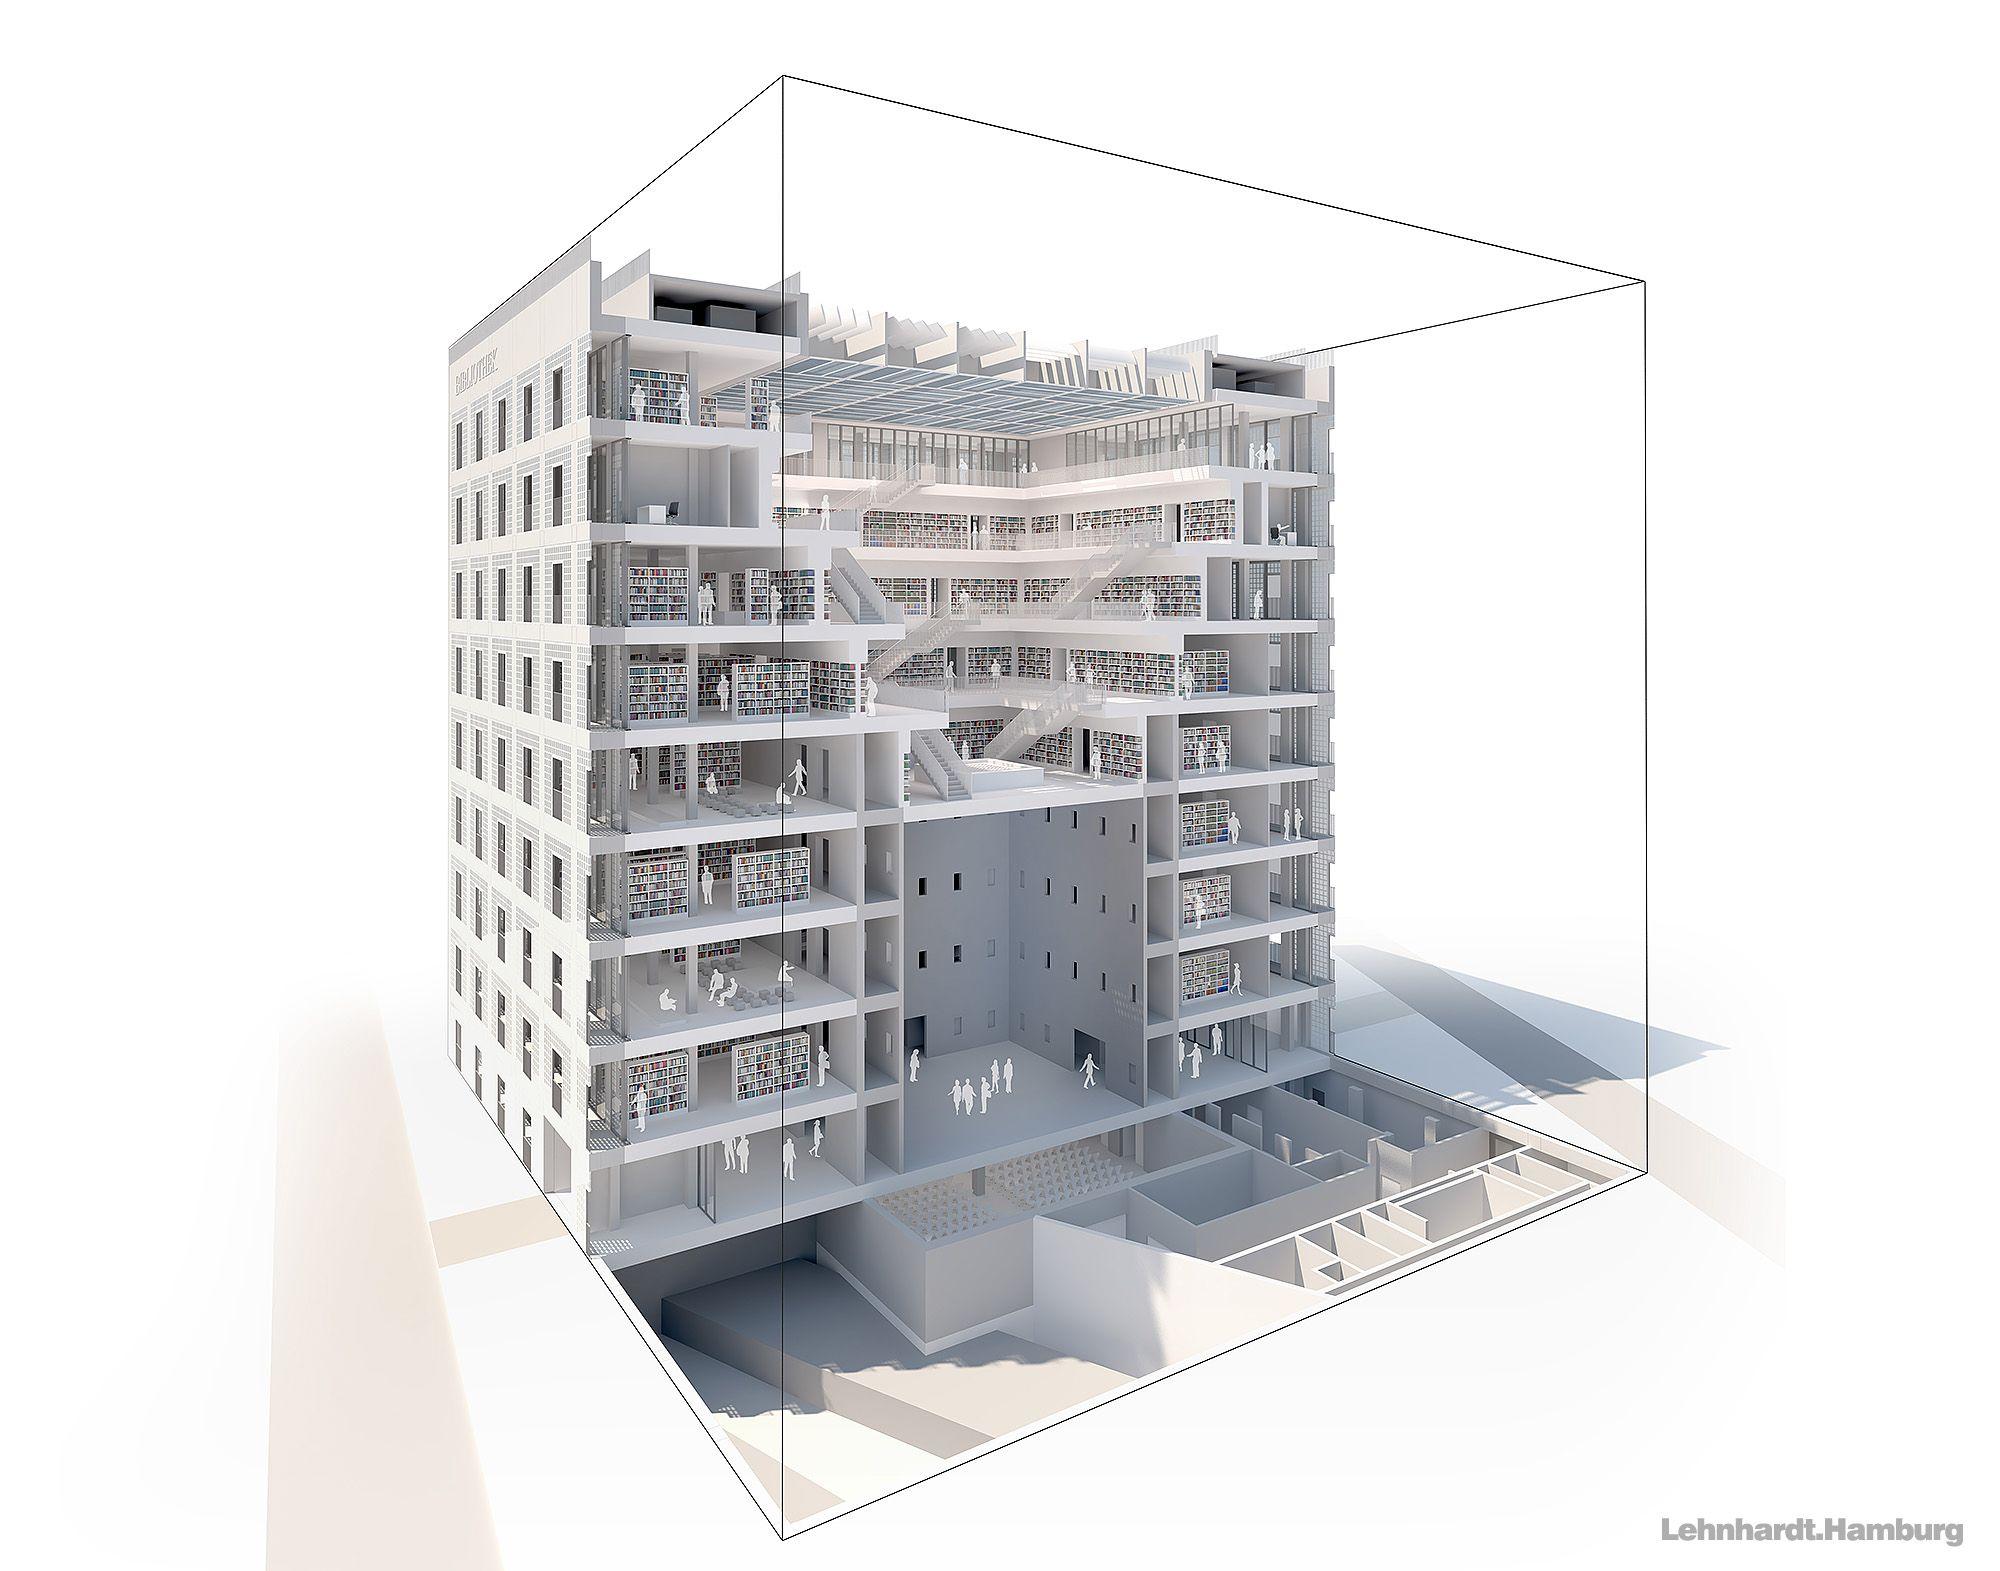 stadtbibliothek stuttgart von architekt eun young yi. Black Bedroom Furniture Sets. Home Design Ideas